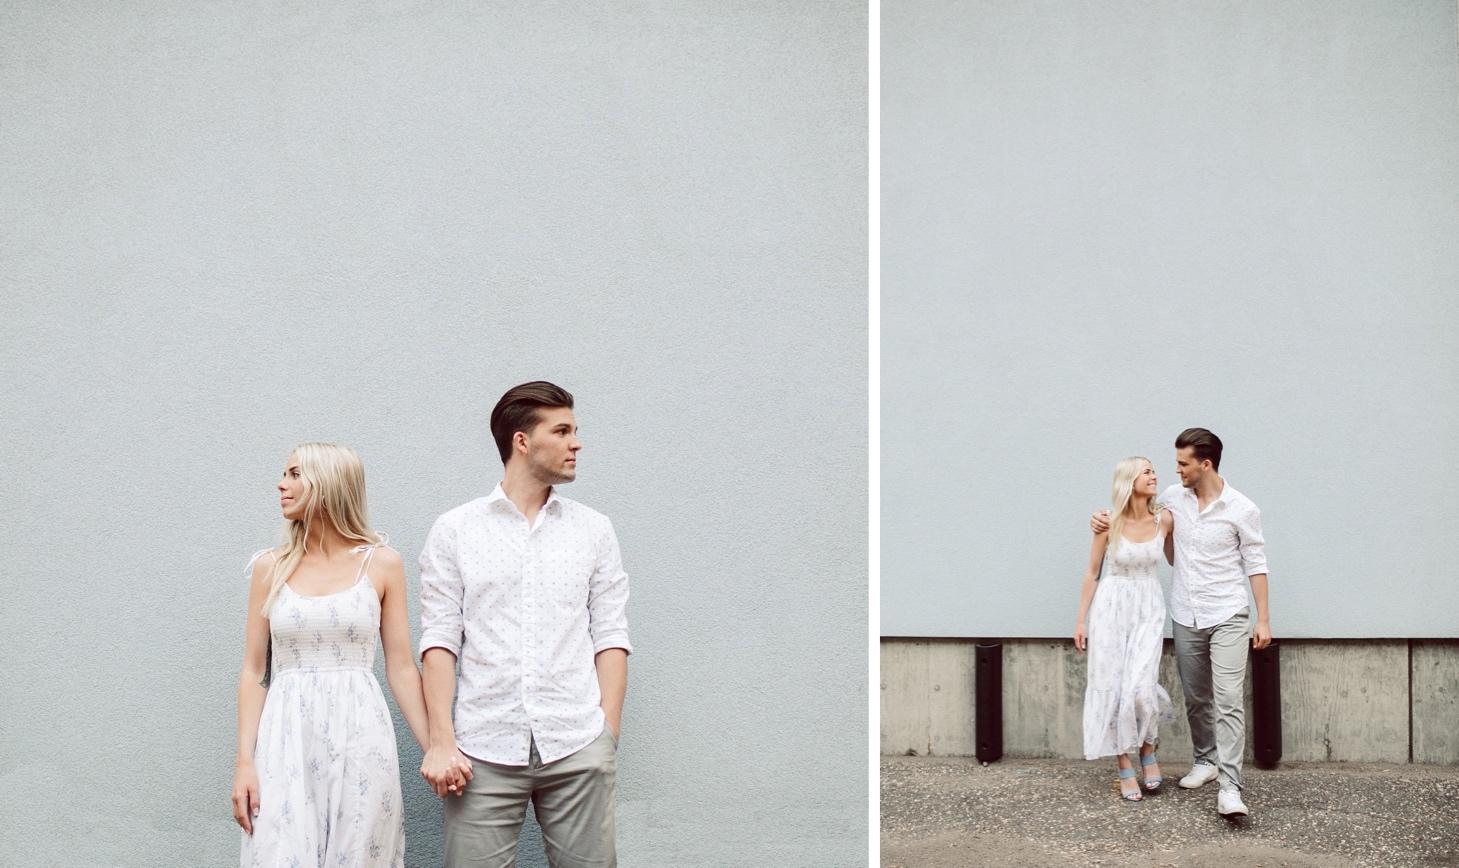 12_engagements-45_engagements-43_urbanphotography_stpaulphotos,_mnweddingphotographer,_kileymarissaphotography,_stpaulengagement,_stpaulminnesota_kileymarissa,_mnengagementphotos,.jpg